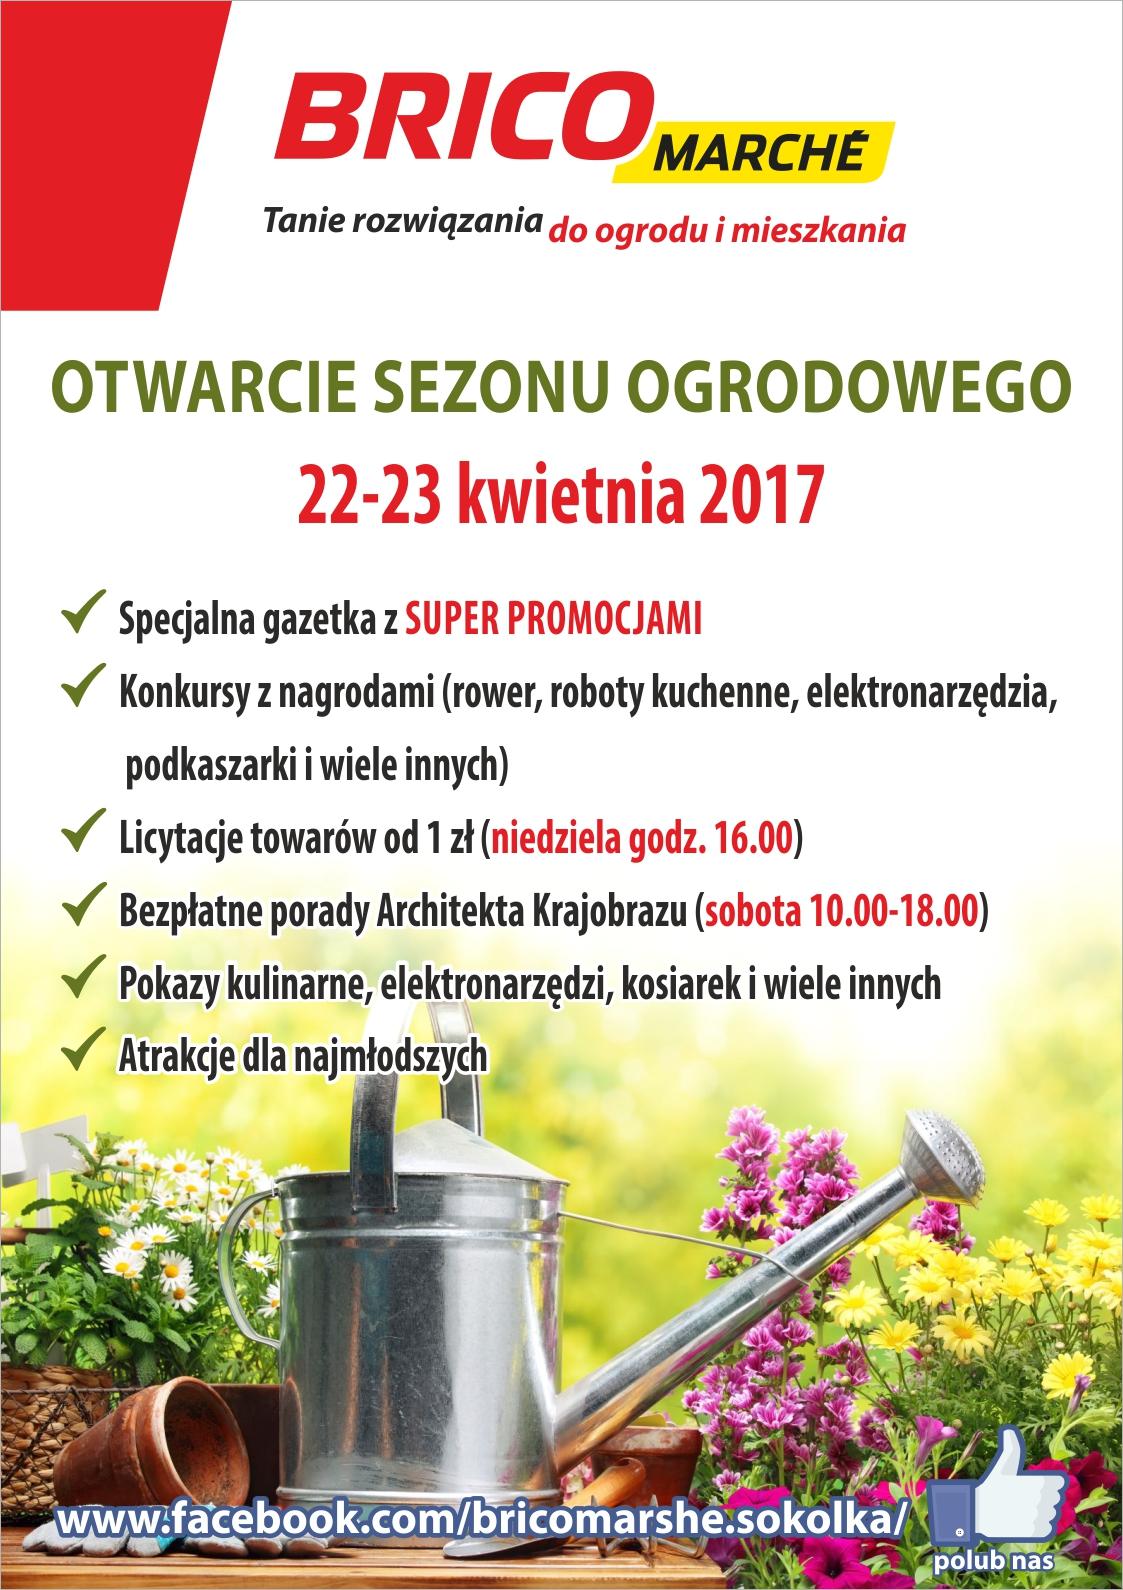 Brico Marche w Sokółce otwiera sezon. Będzie się działo!